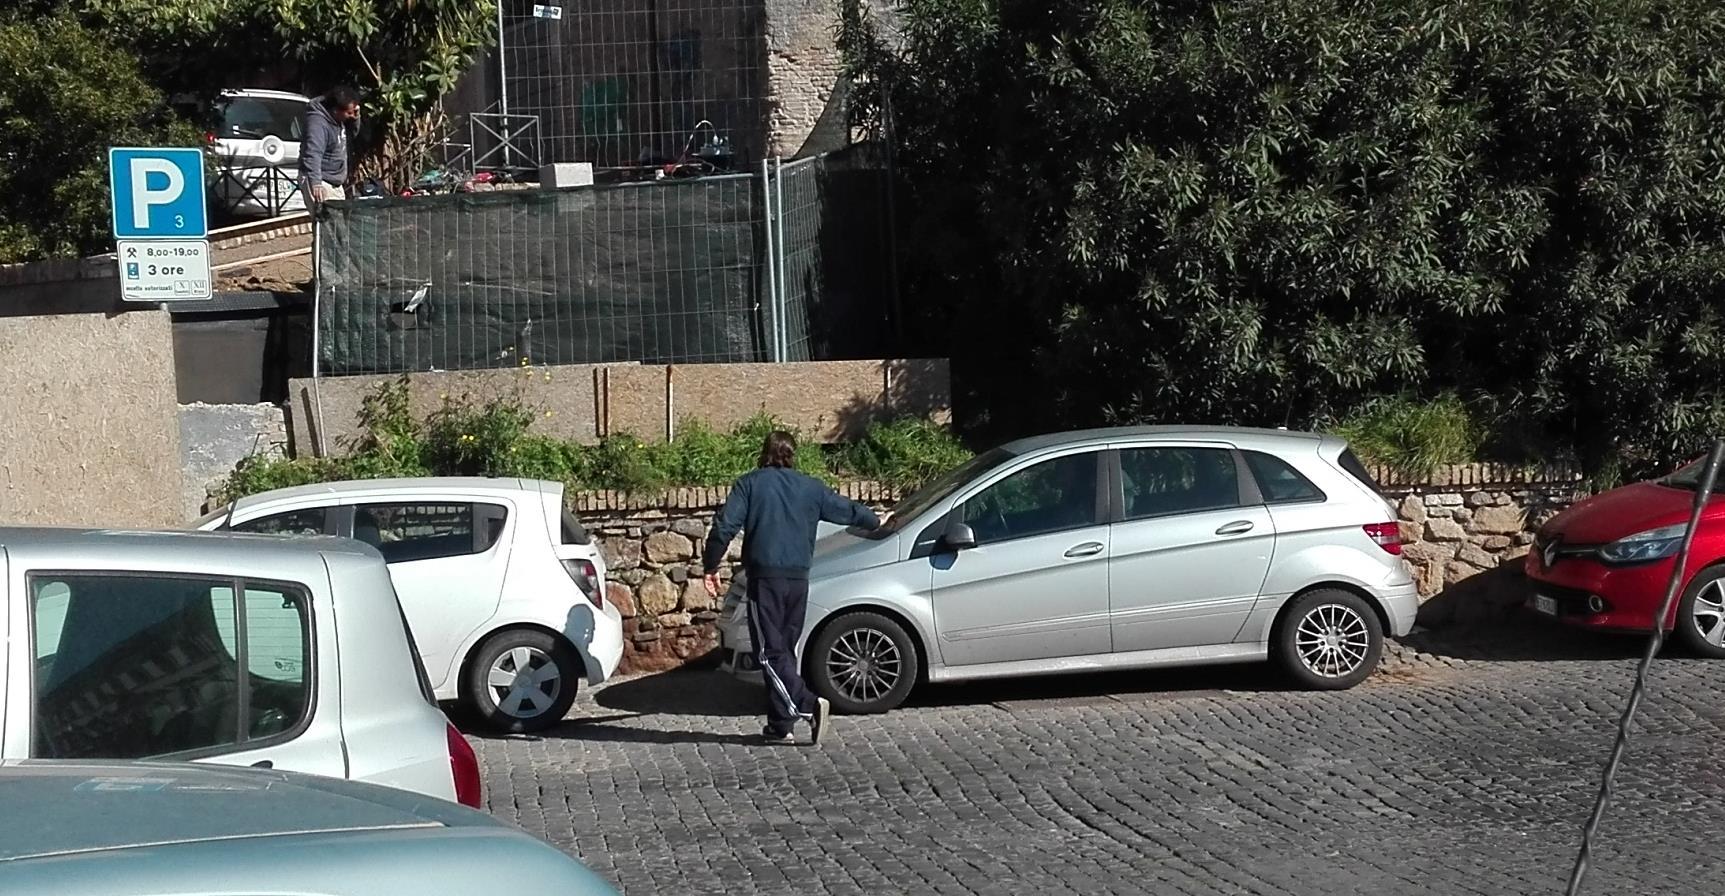 parcheggiatore